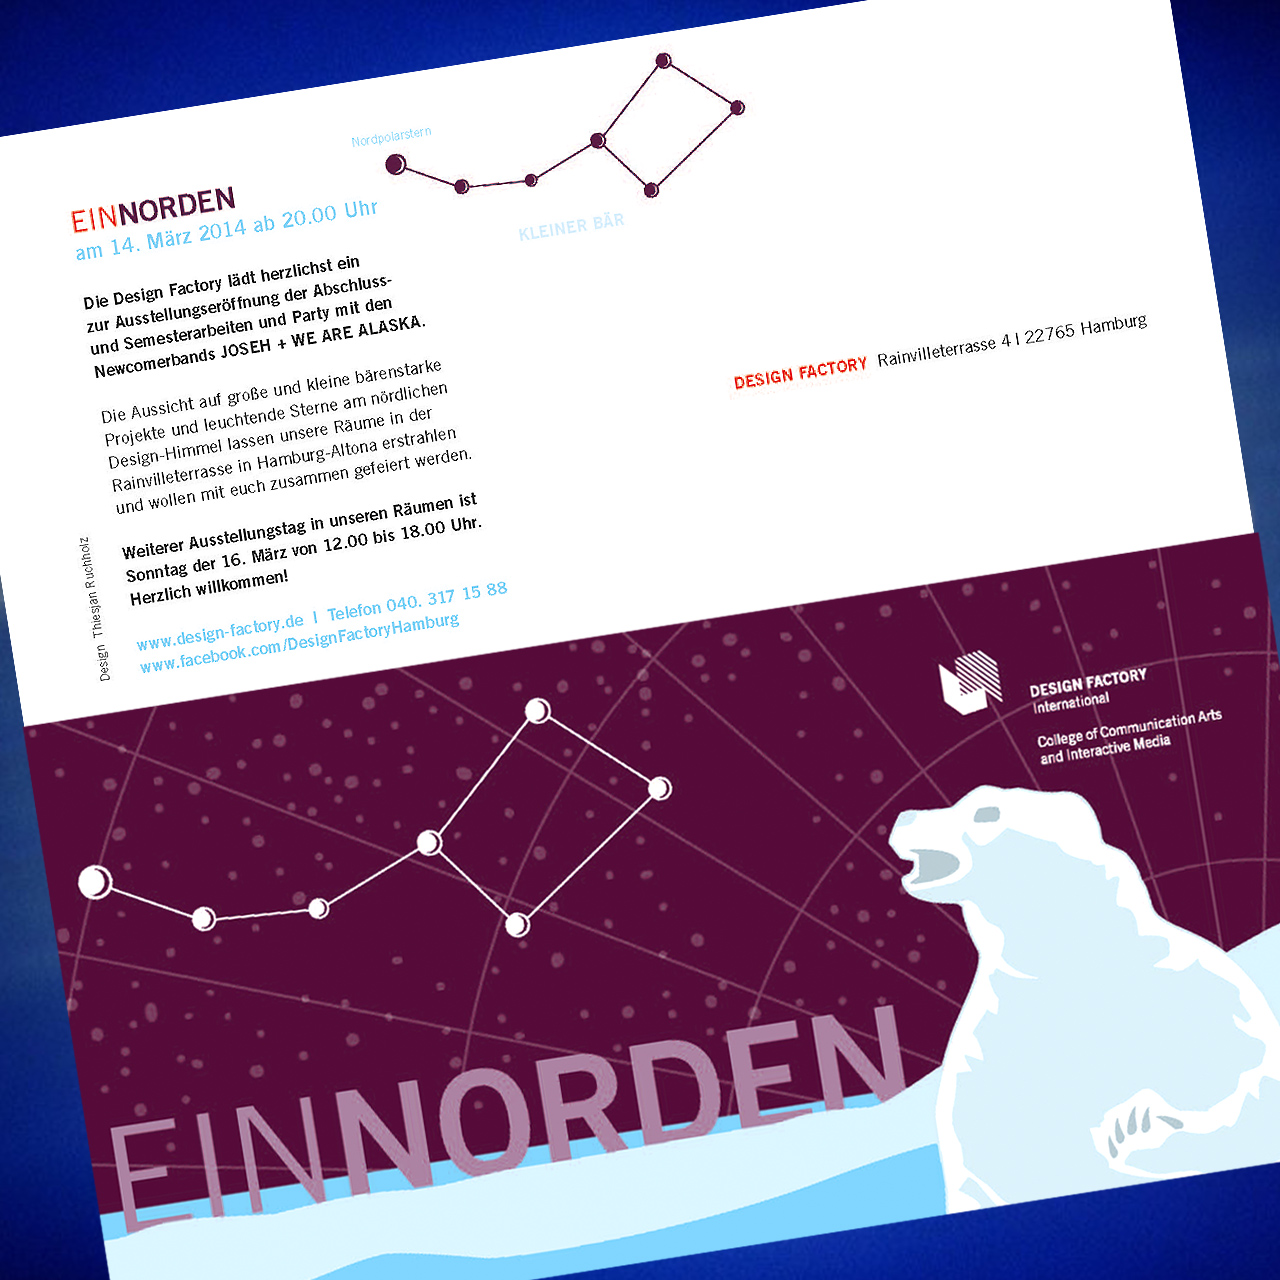 Einnorden Design Factory